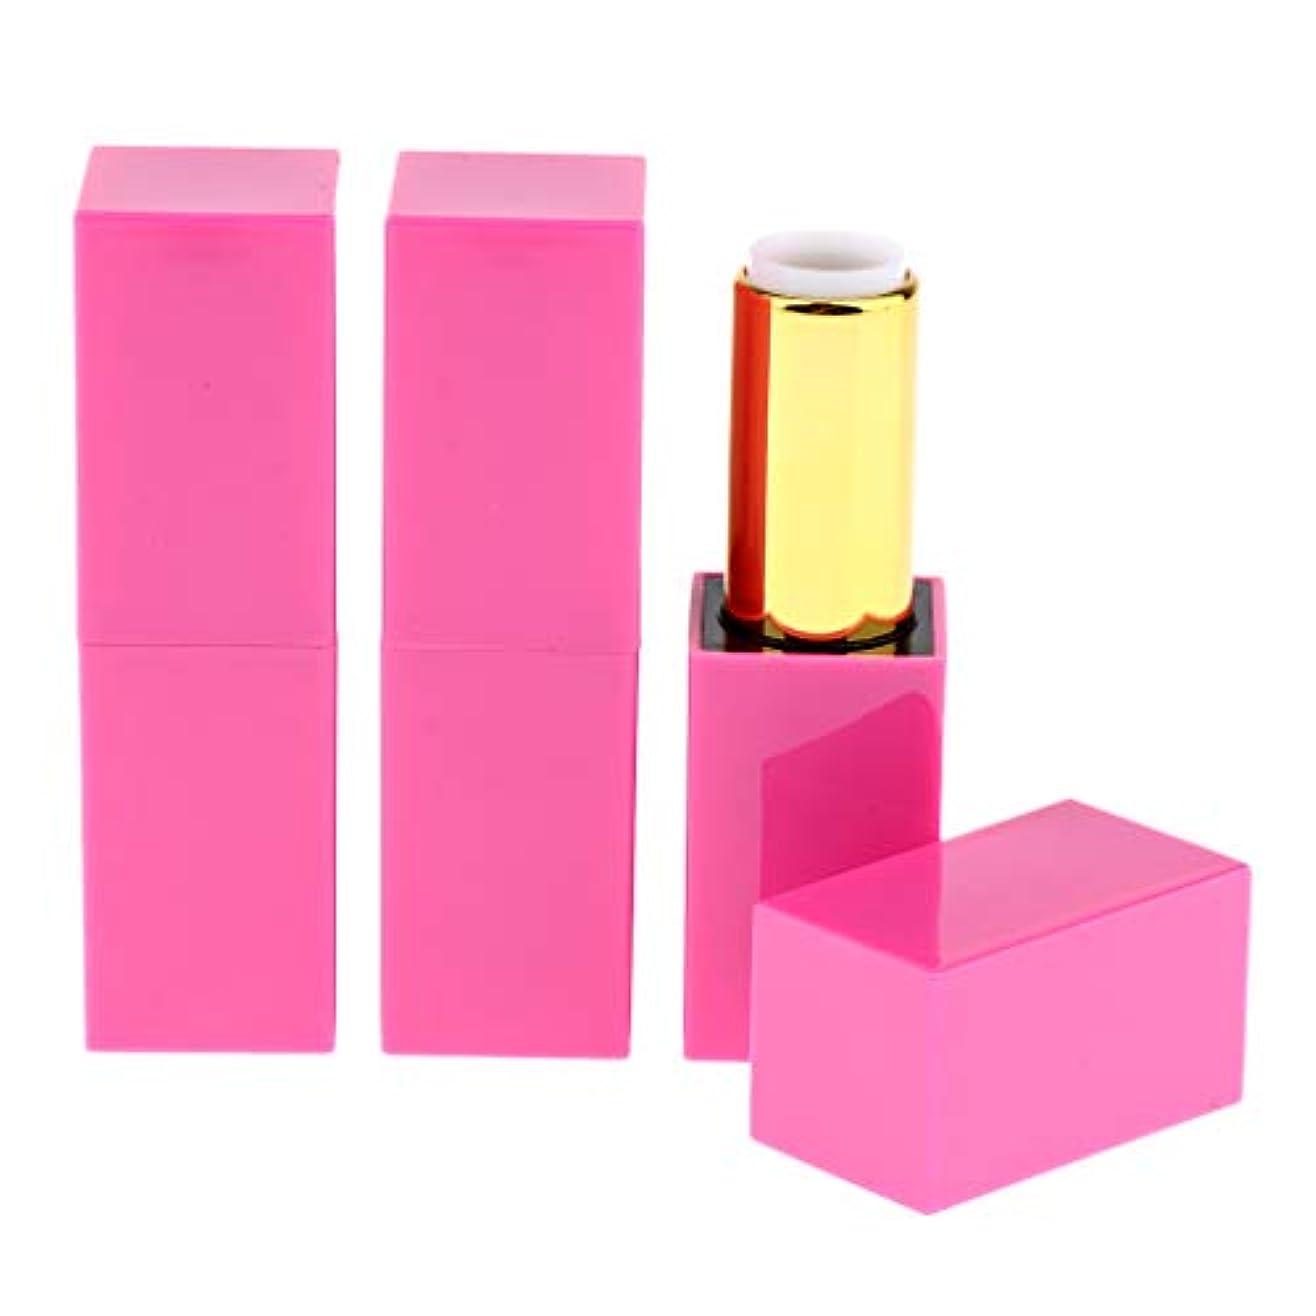 中毒禁止いつでもDYNWAVE リップグロスチューブ 3本リップクリームボトル 空ボトル 小分けボトル 化粧品詰め替えボトル手作り化粧品